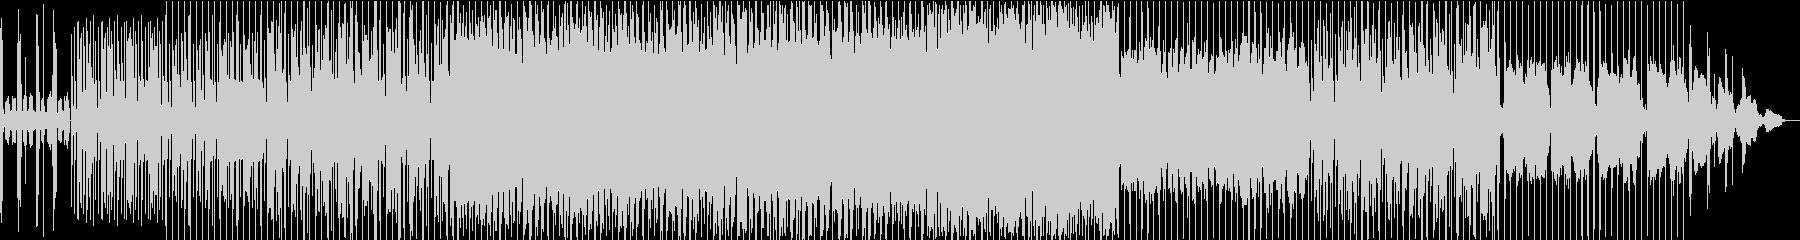 グルーヴをきかせたクールなサウンドの未再生の波形